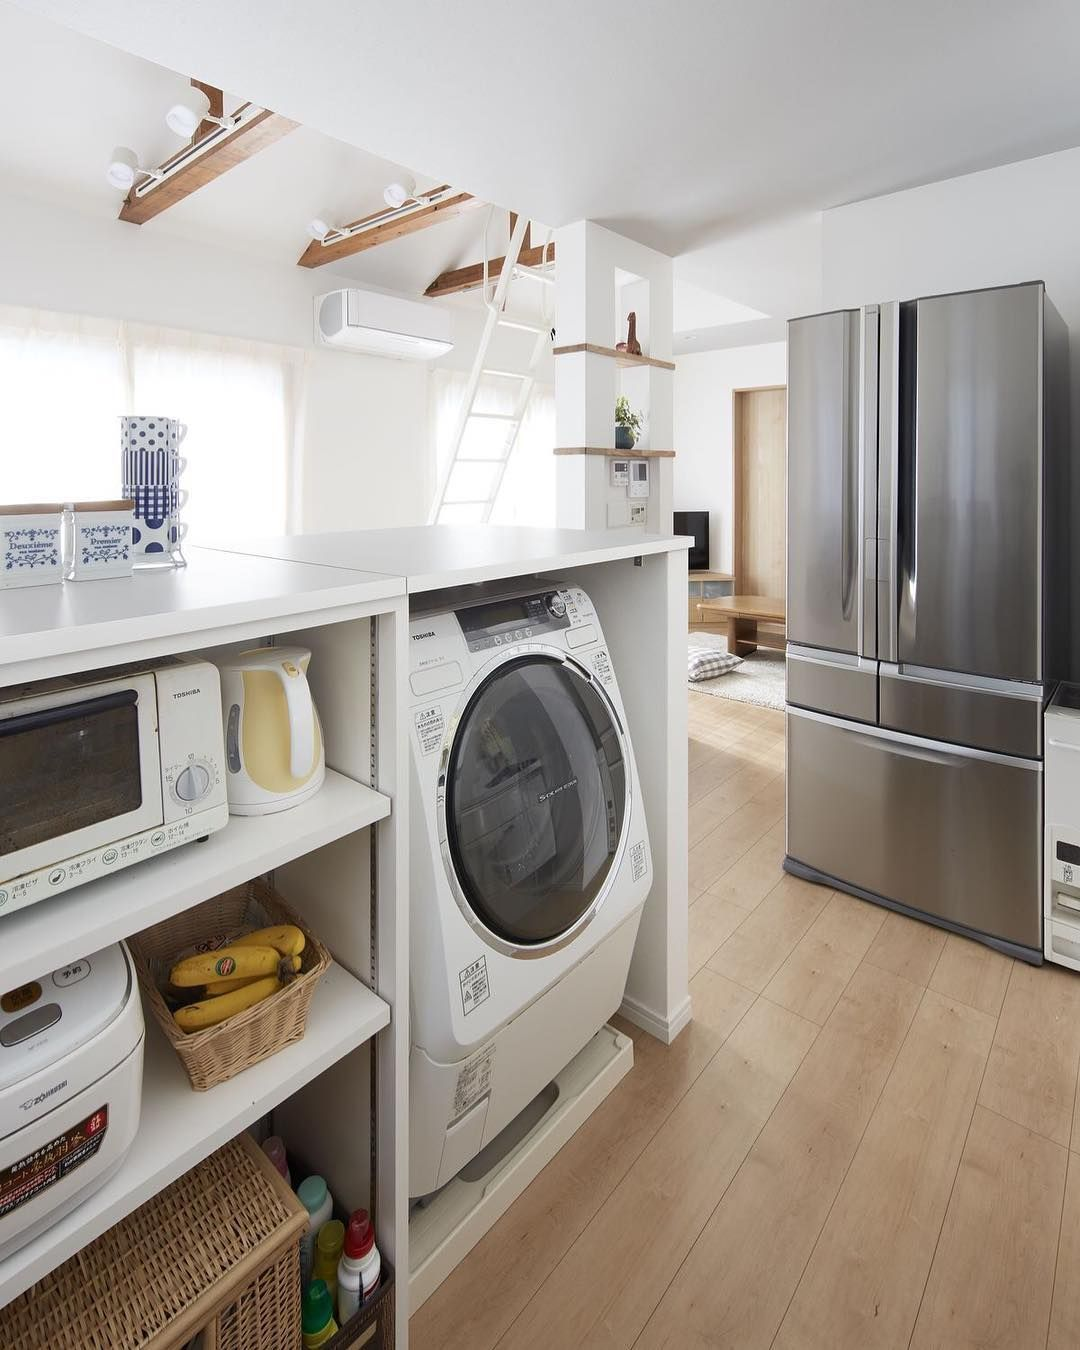 いいね 115件 コメント0件 ミサワリフォーム株式会社 リフォーム リノベーション Misawa Reform のinstagramアカウント ミサワリフォーム株式会社 4ldkの Home Appliances Home Washer And Dryer